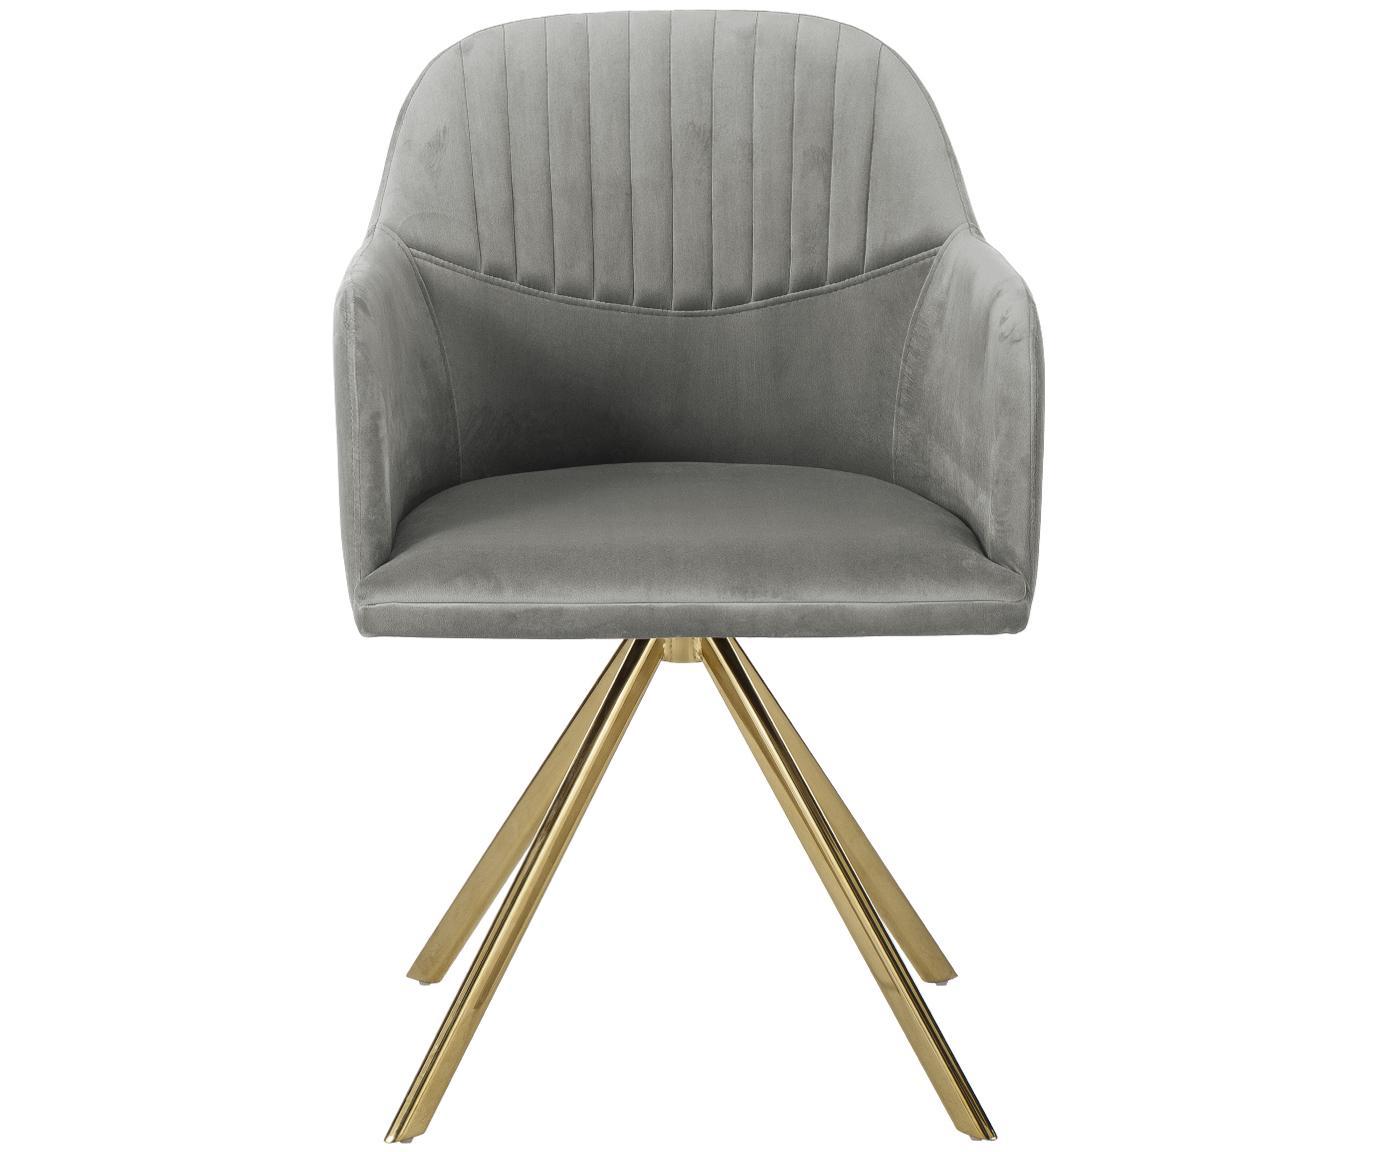 Chaise velours pivotante Lola, Velours gris pierre, Pieds: doré